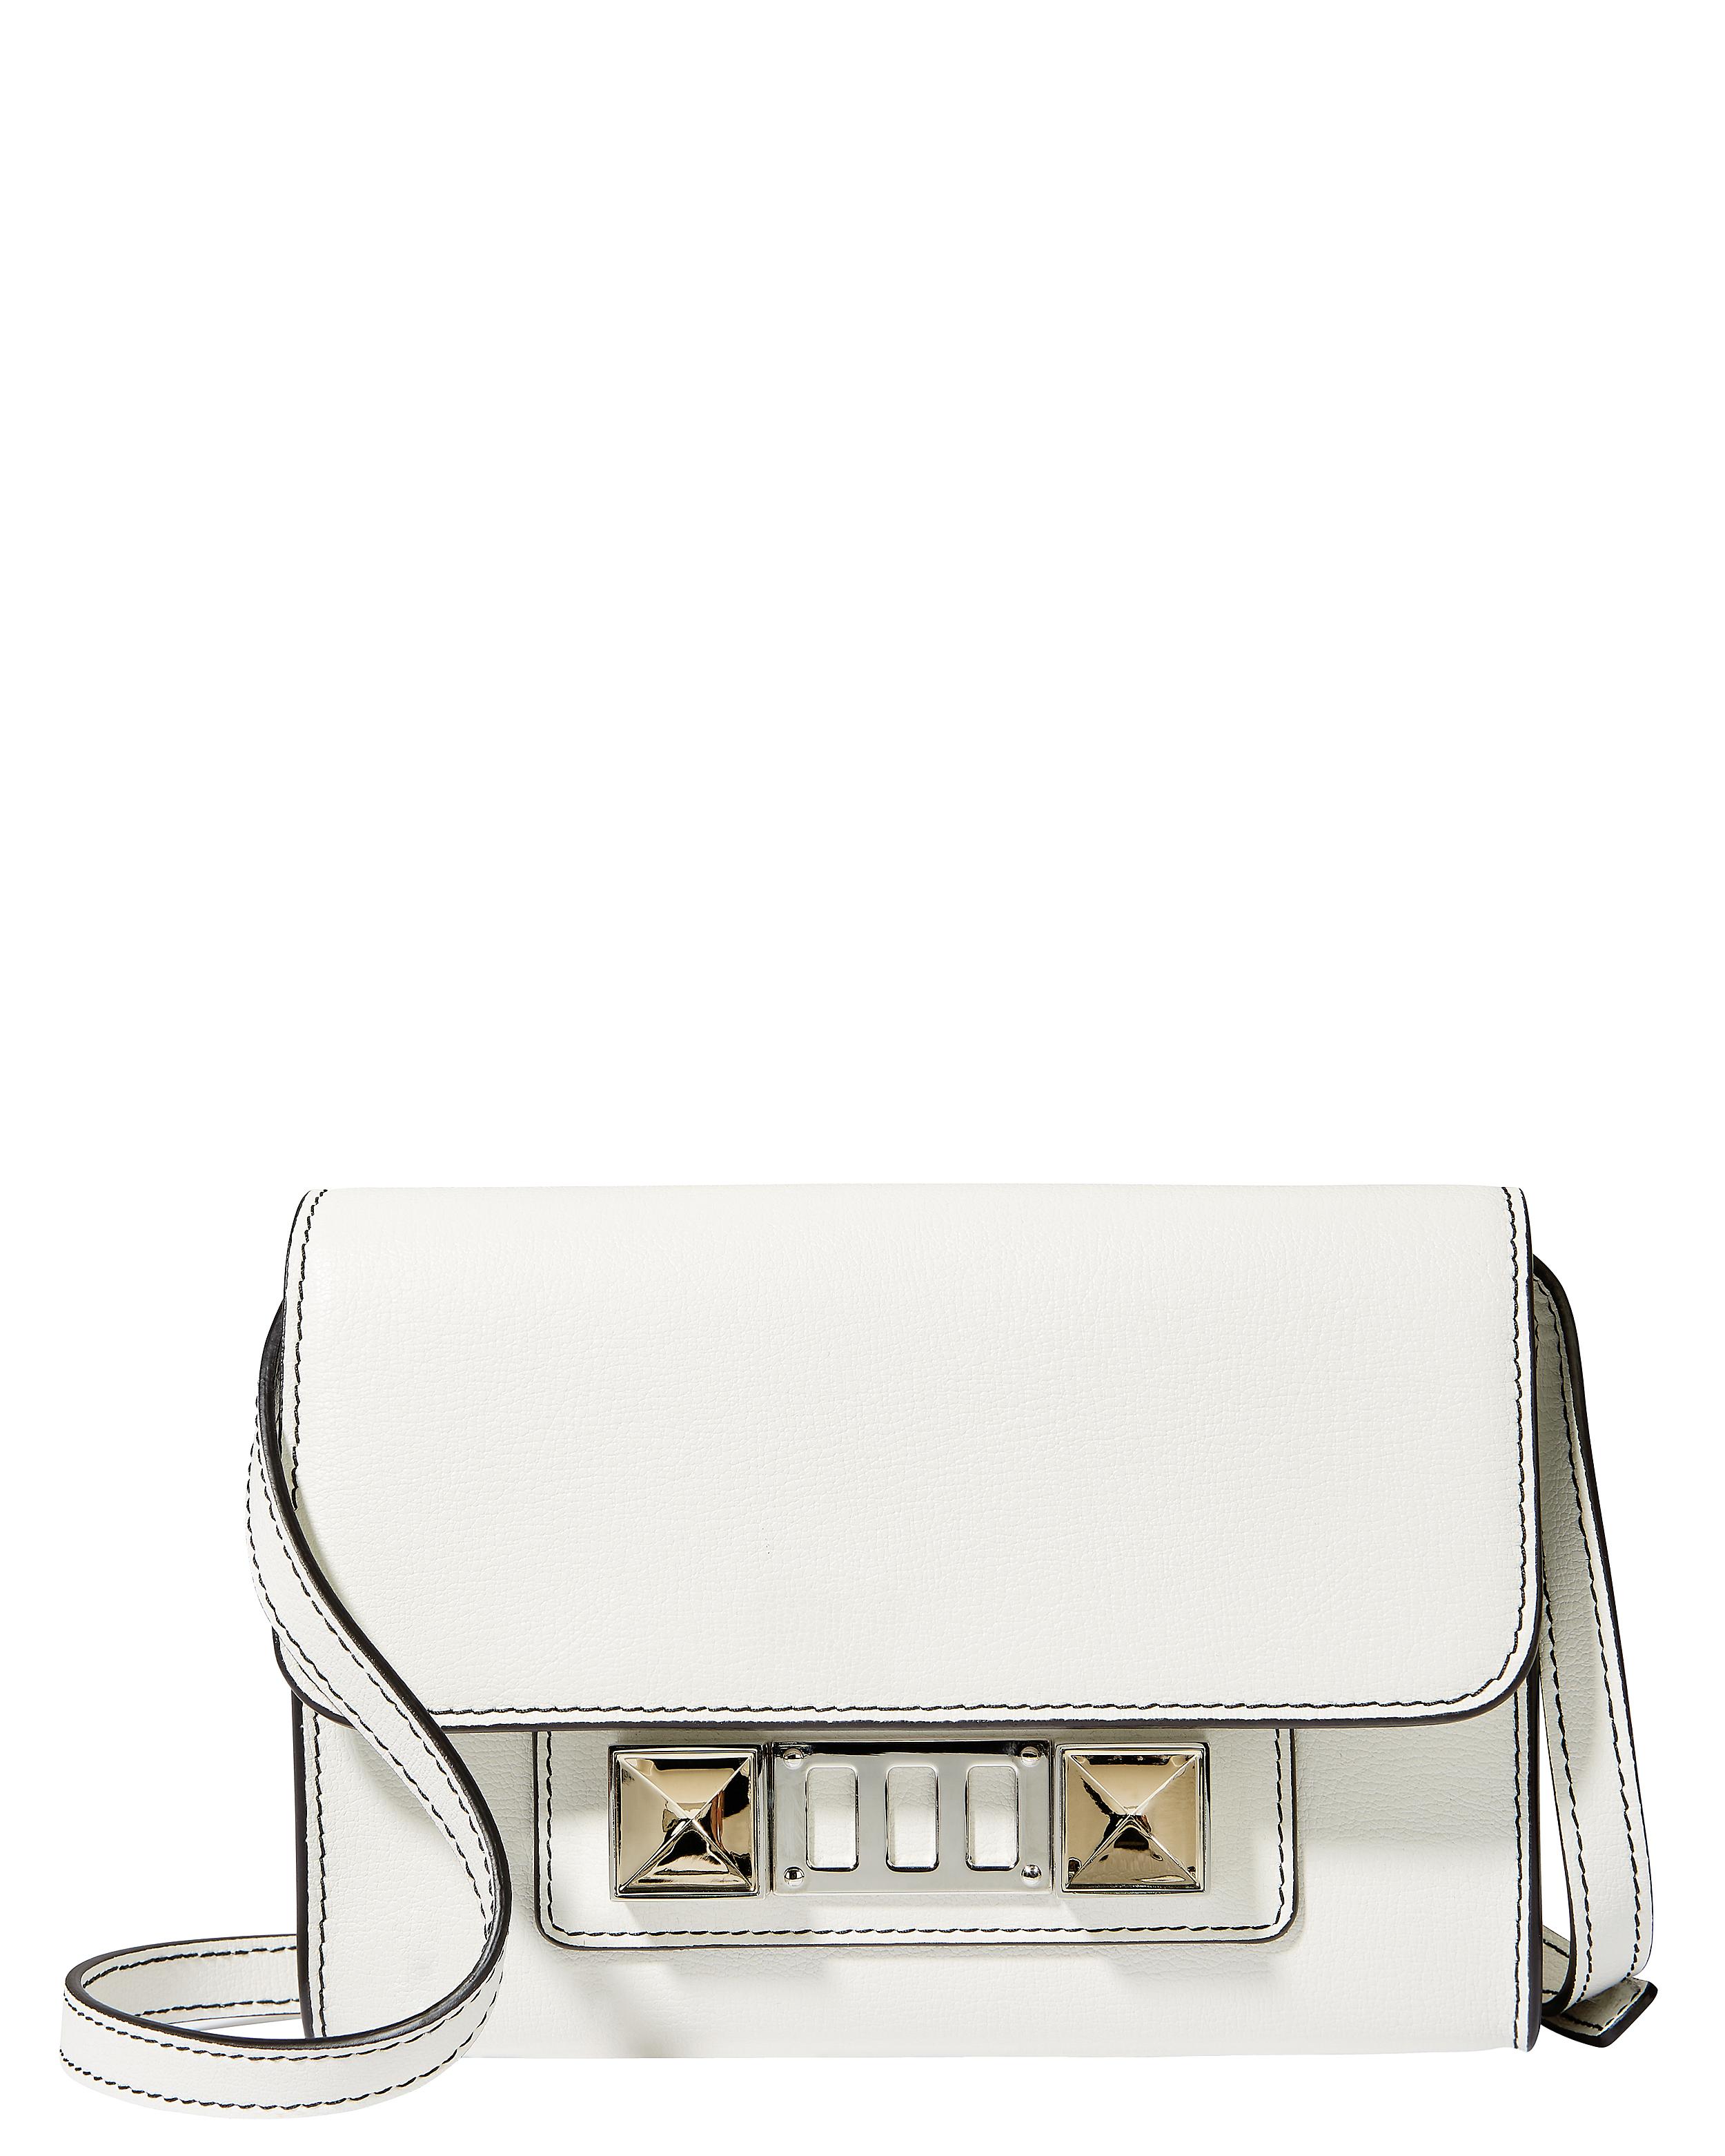 Proenza Schouler Ps1 Small Wallet Crossbody Bag   ModeSens e83cf18ae7